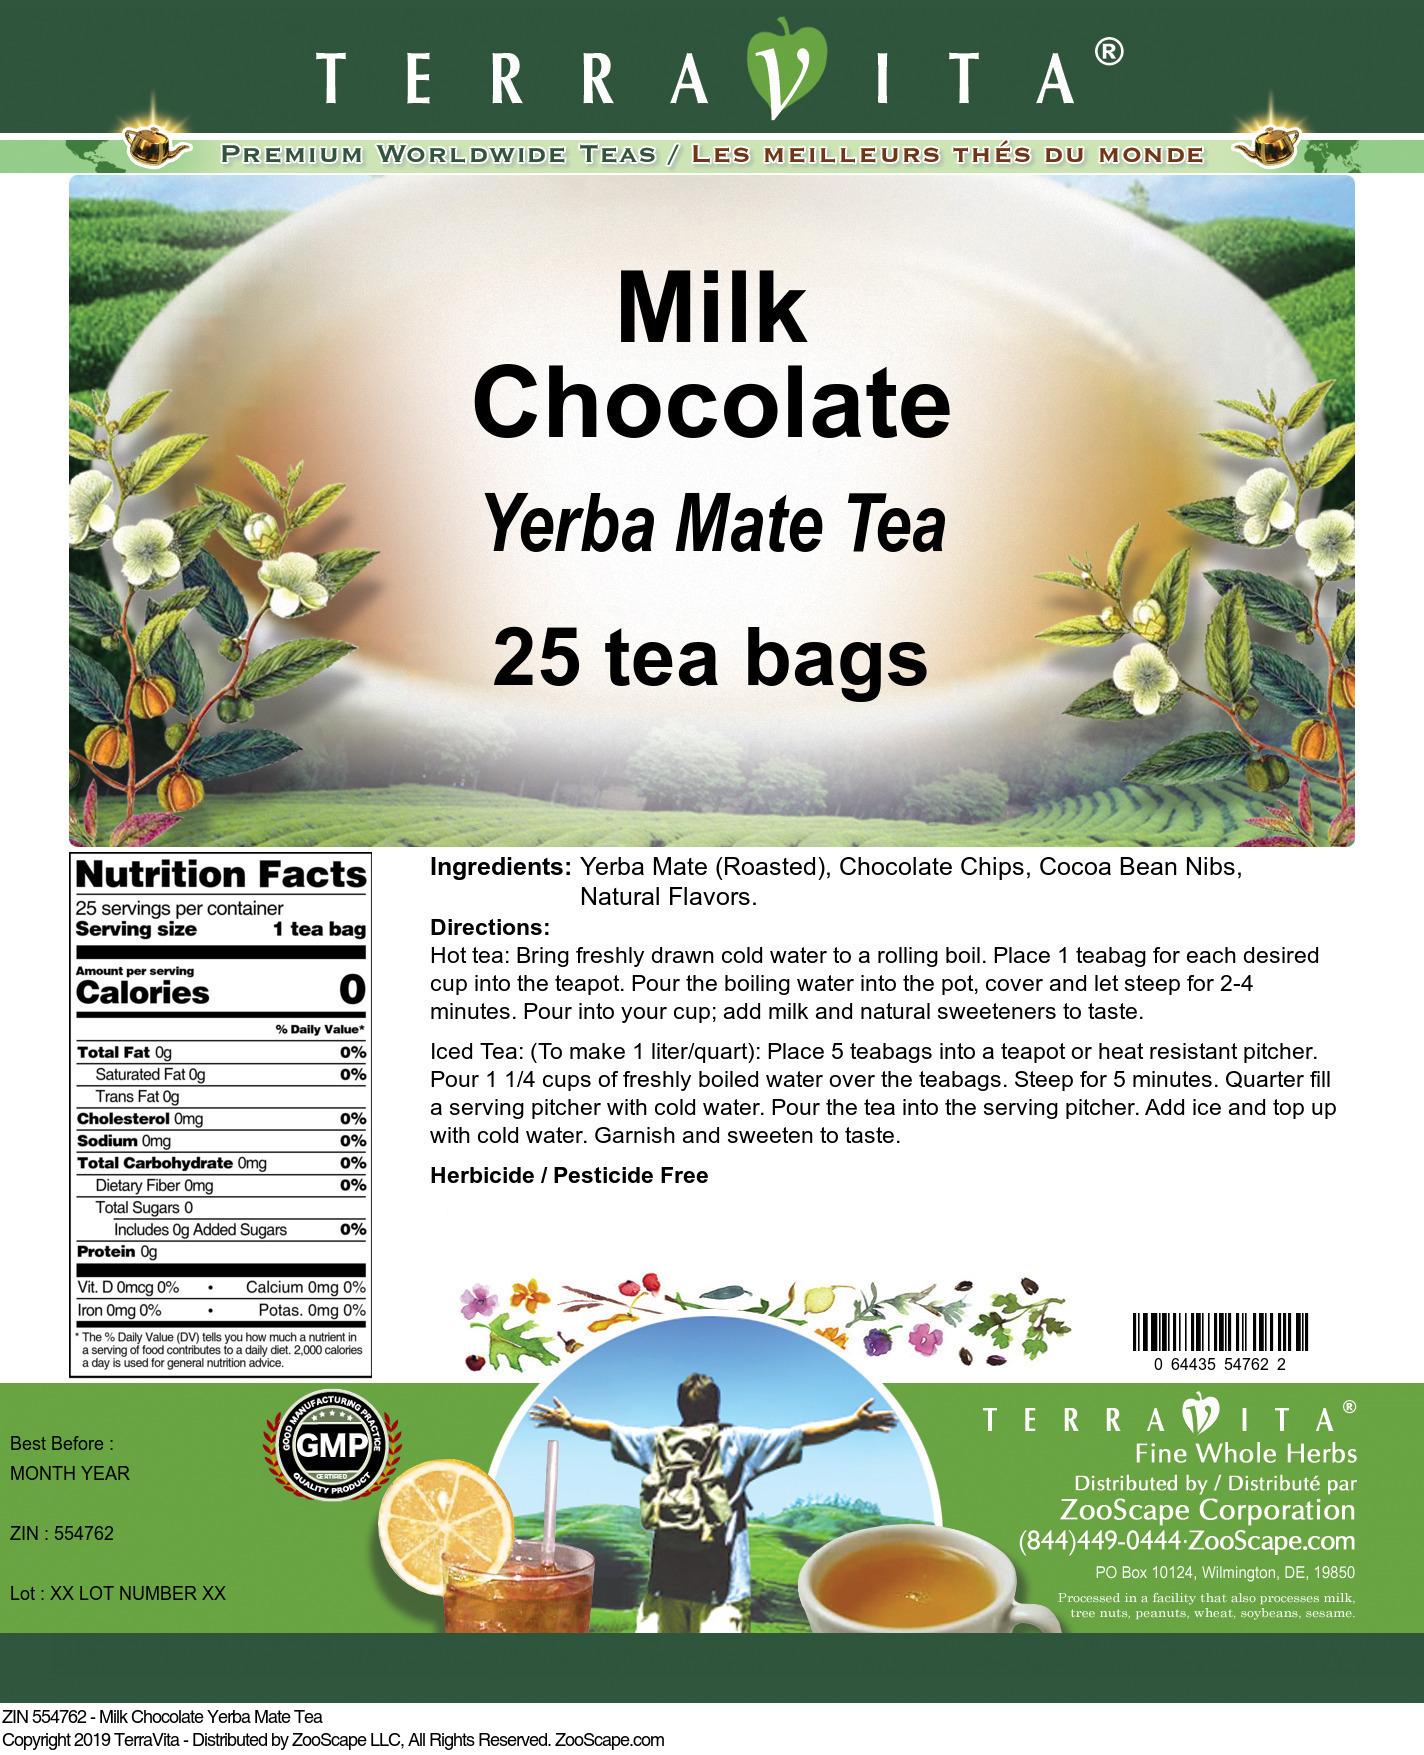 Milk Chocolate Yerba Mate